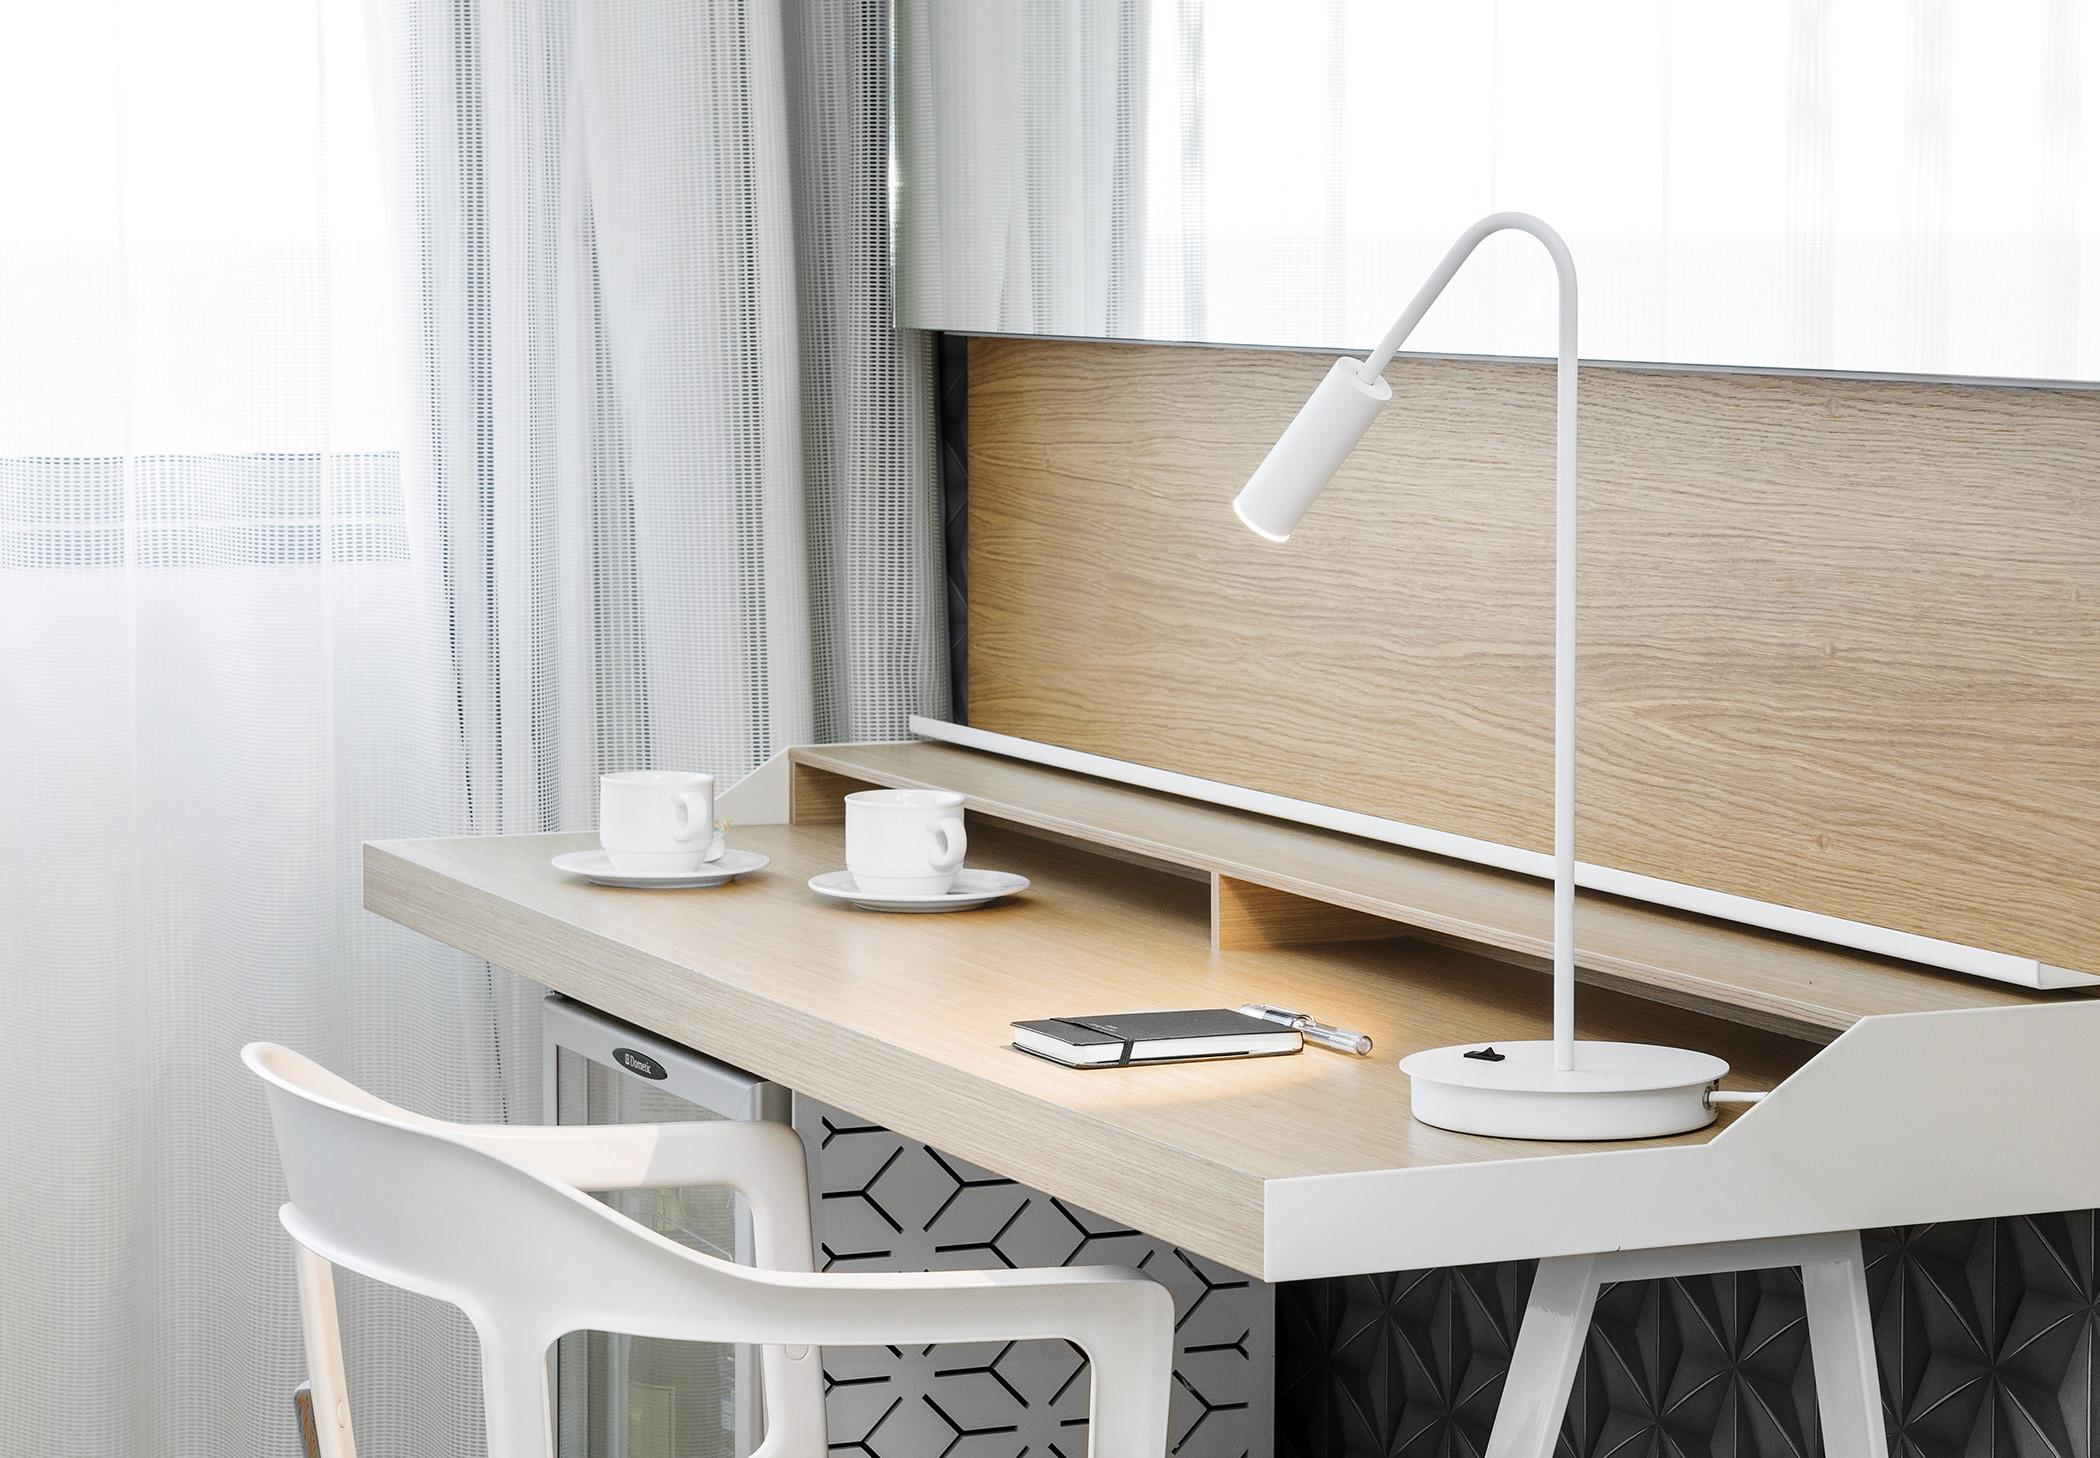 Volta M 3537 Table Lamp Estiluz Image Ambient 01